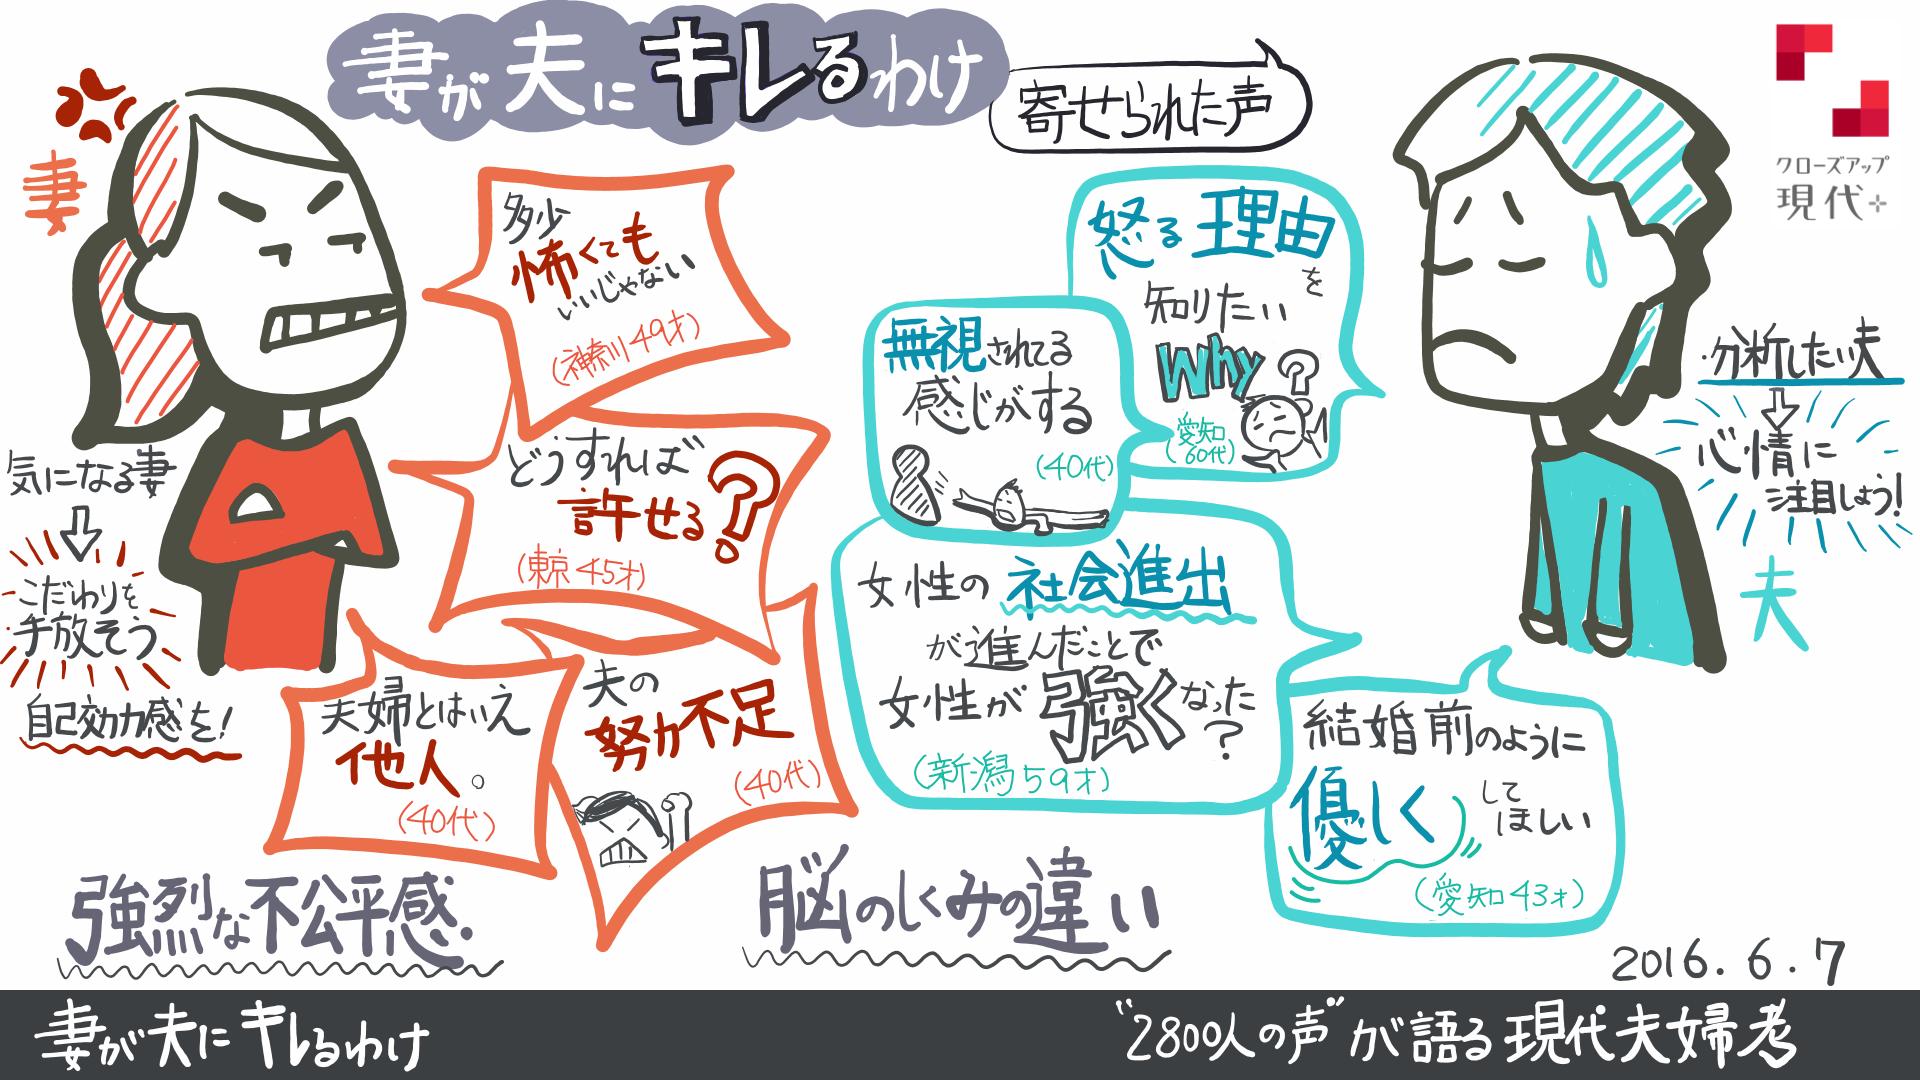 http://www.nhk.or.jp/gendai/articles/3817/images/20160607_171658_0001.png